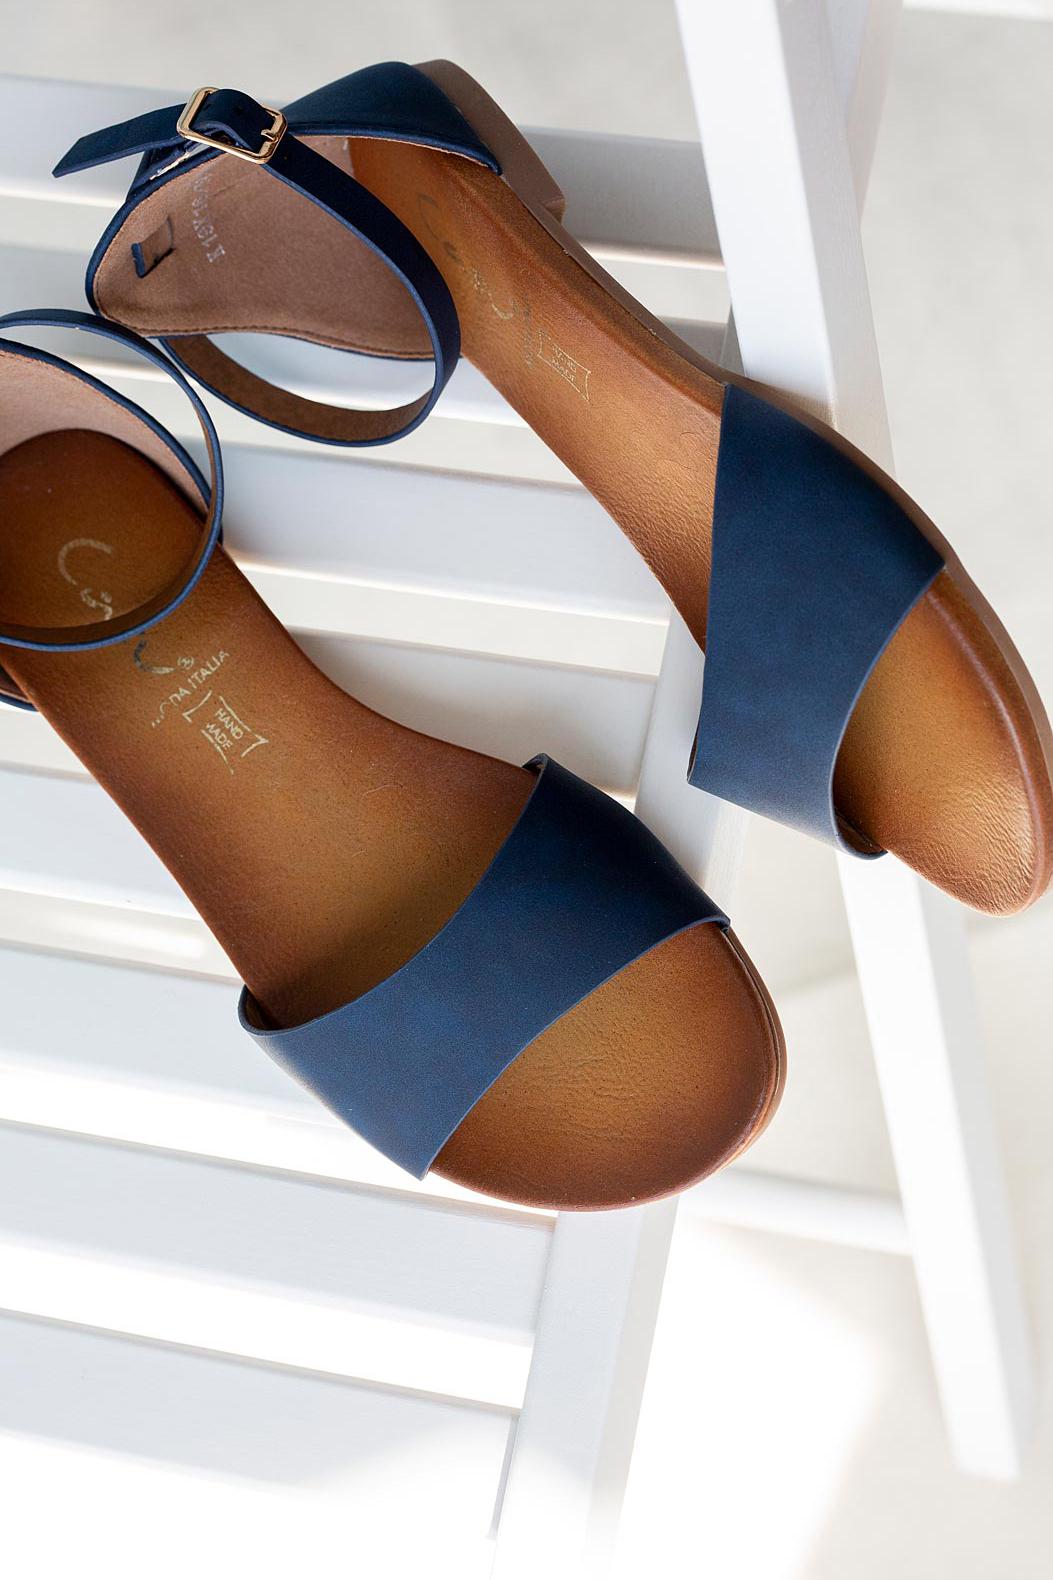 Granatowe sandały płaskie z zakrytą piętą i paskiem wokół kostki Casu K19X16/N model K19X16/N